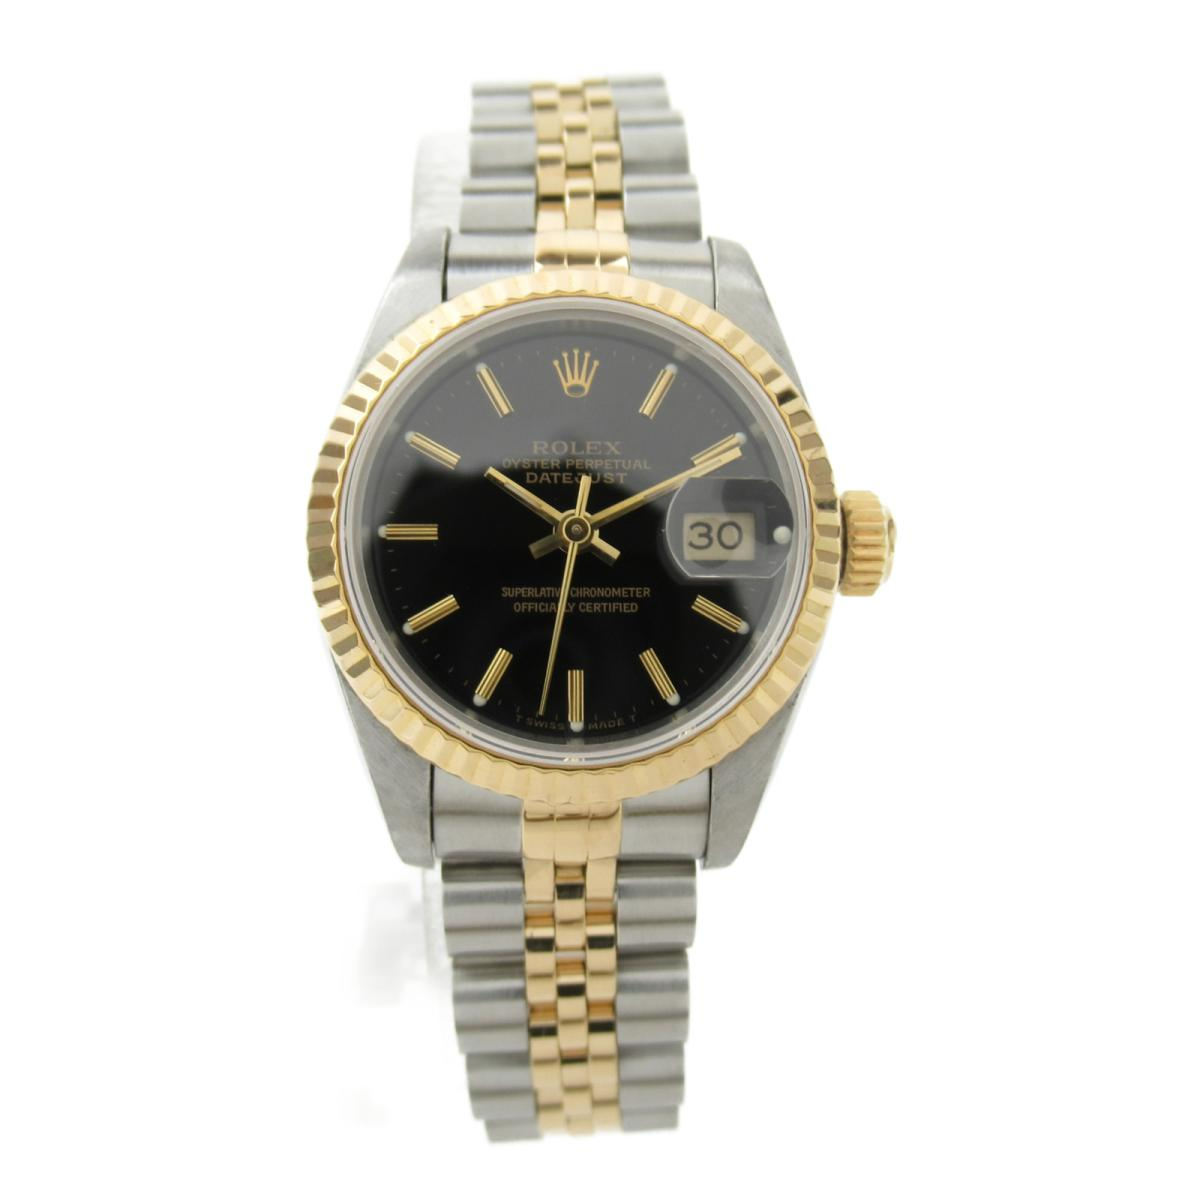 【中古】 ロレックス デイトジャスト ウォッチ 腕時計 レディース K18YG (750) イエローゴールド ステンレススチール (SS) (69173 X番) | ROLEX BRANDOFF ブランドオフ ブランド ブランド時計 ブランド腕時計 時計